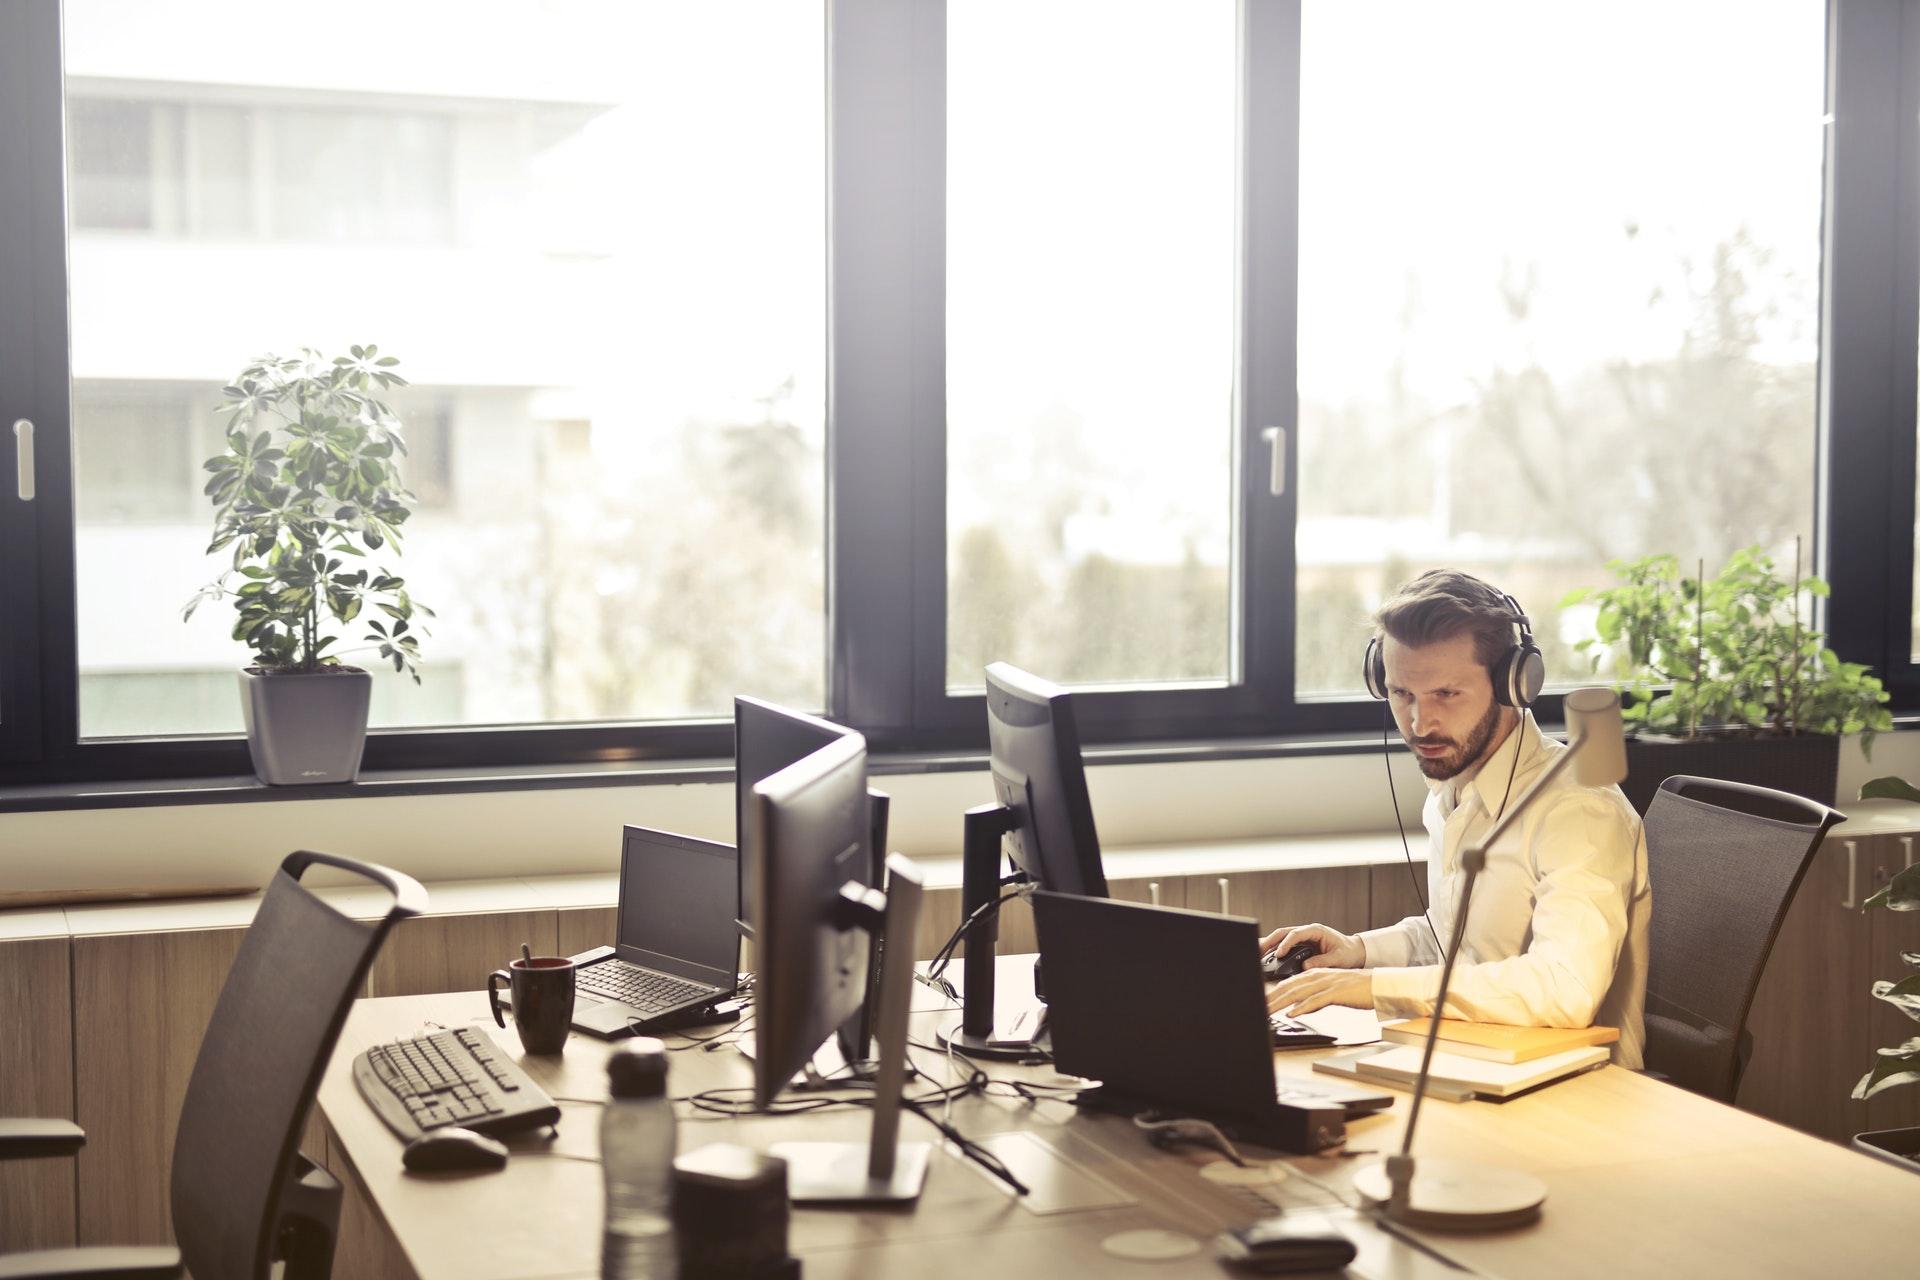 Online learning platform learning